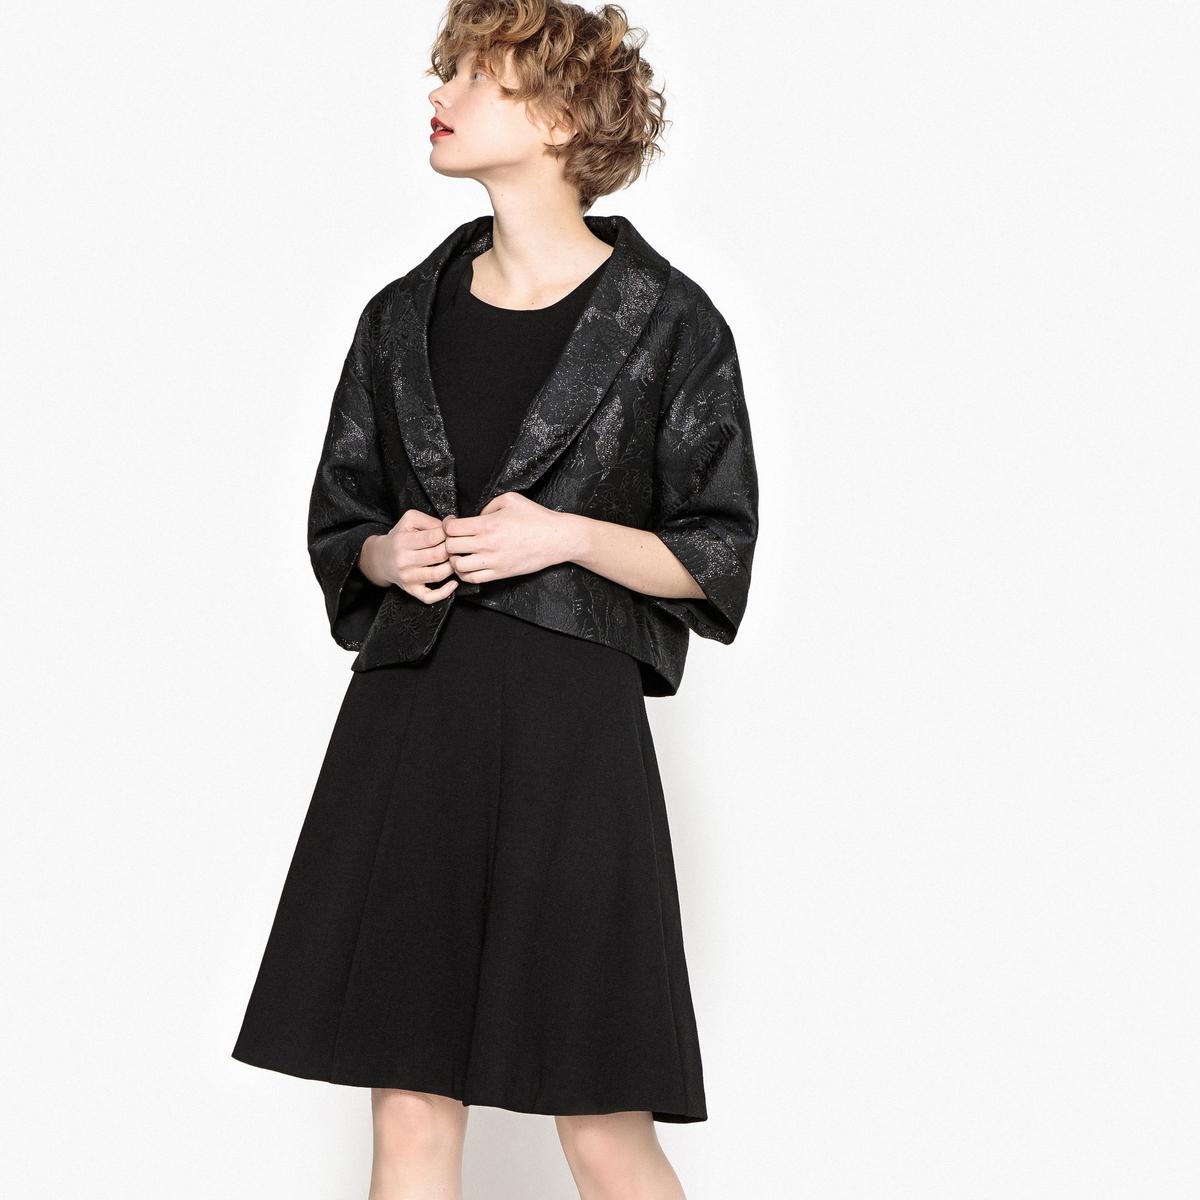 Жакет короткий в форме кимоно из жаккардовой ткани жакет кимоно